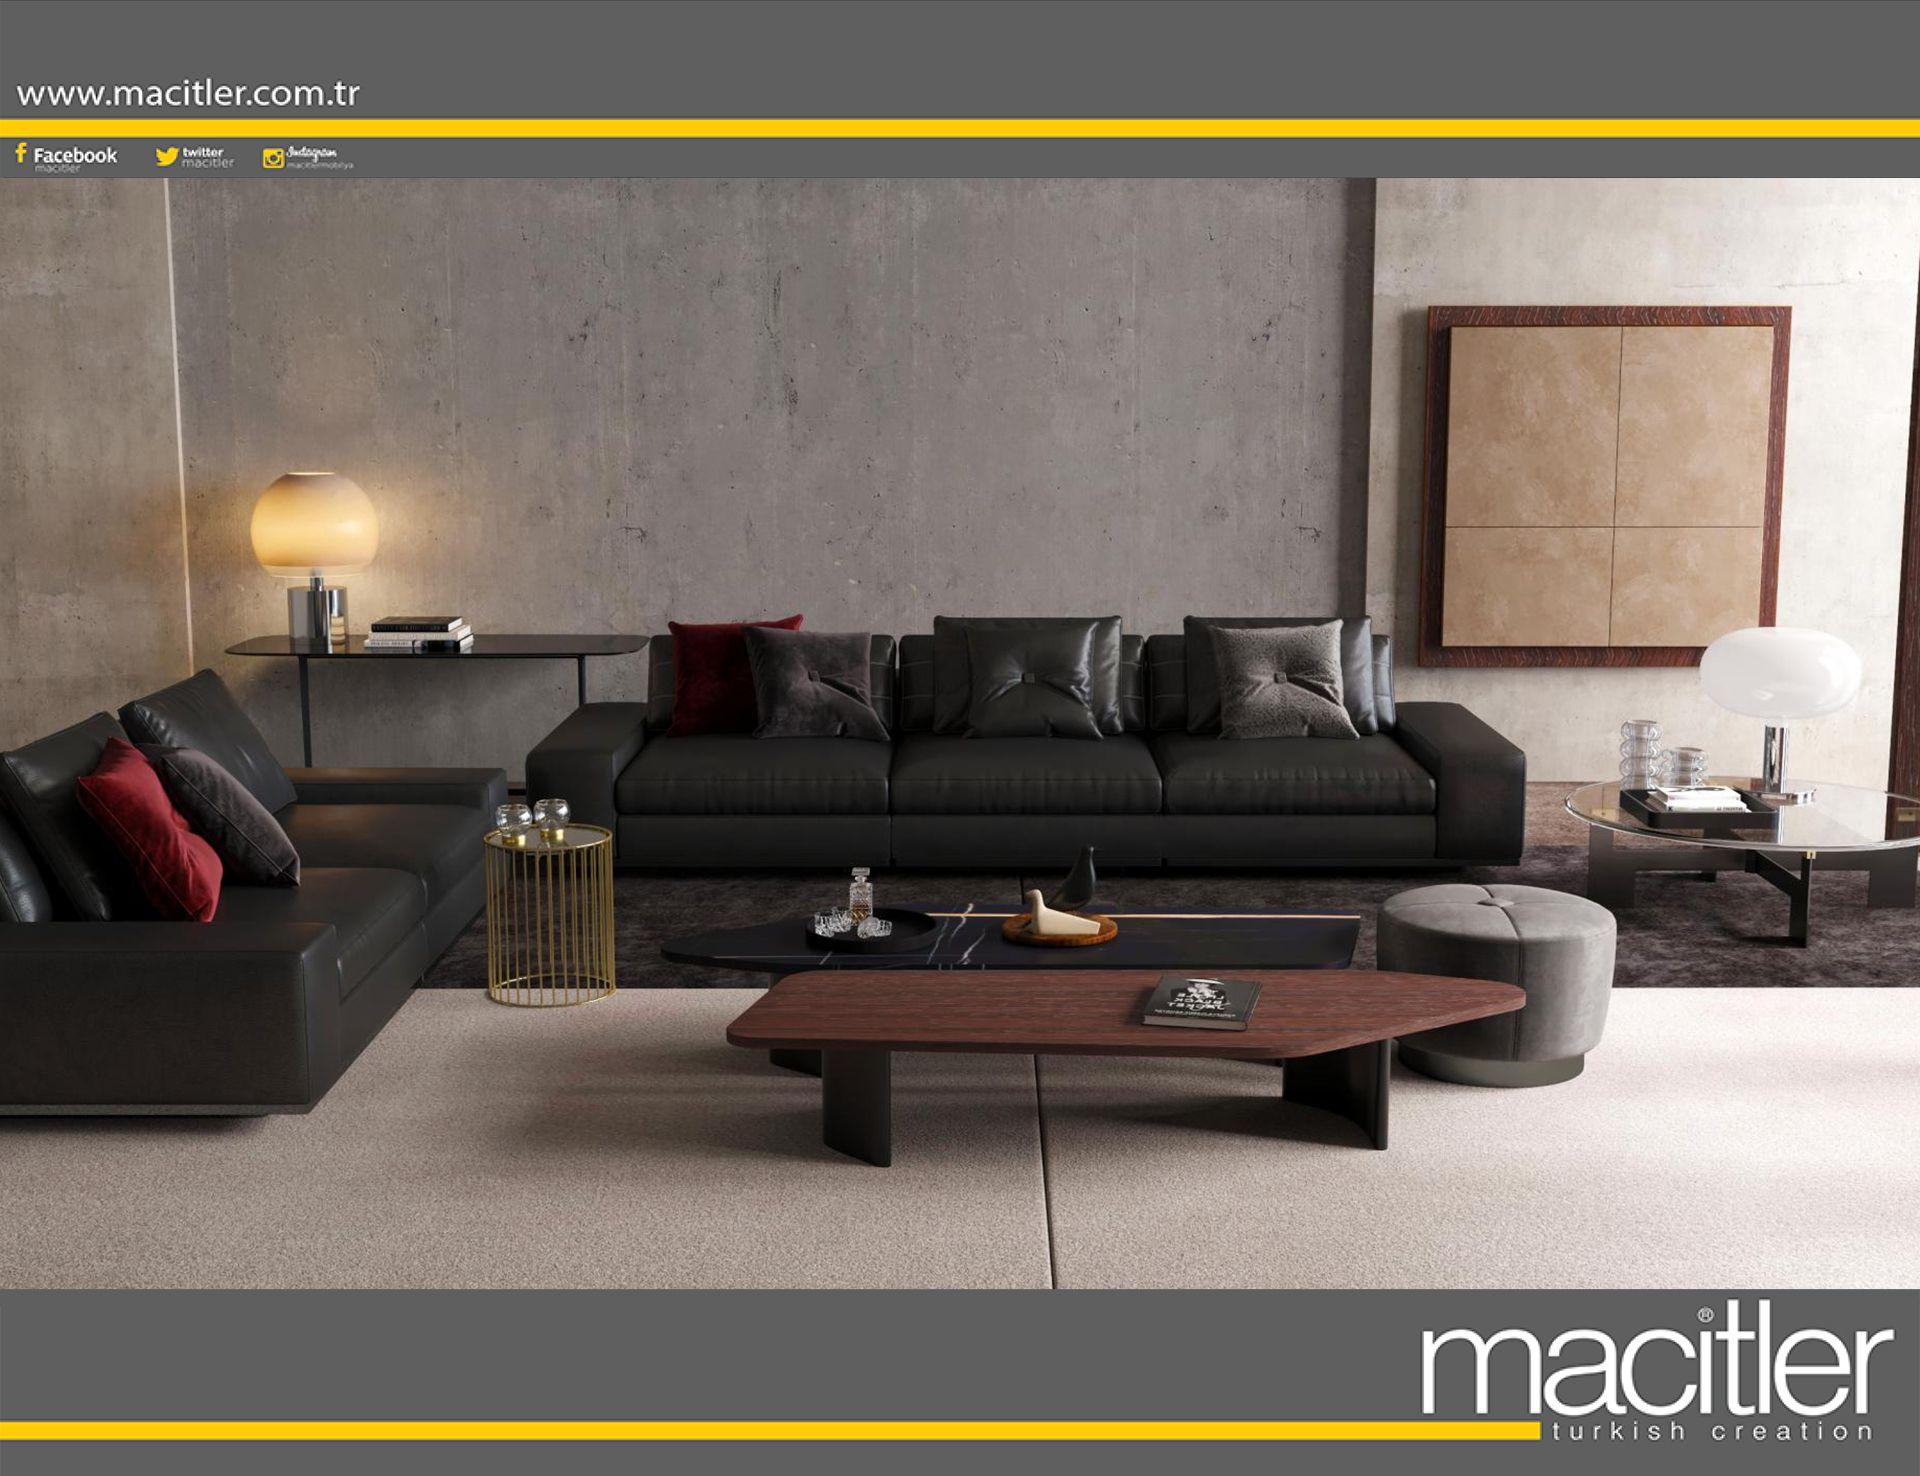 Macitler Mobilya Adli Kullanicinin Sofa Panosundaki Pin Mobilya Mobilya Fikirleri Ev Dekoru